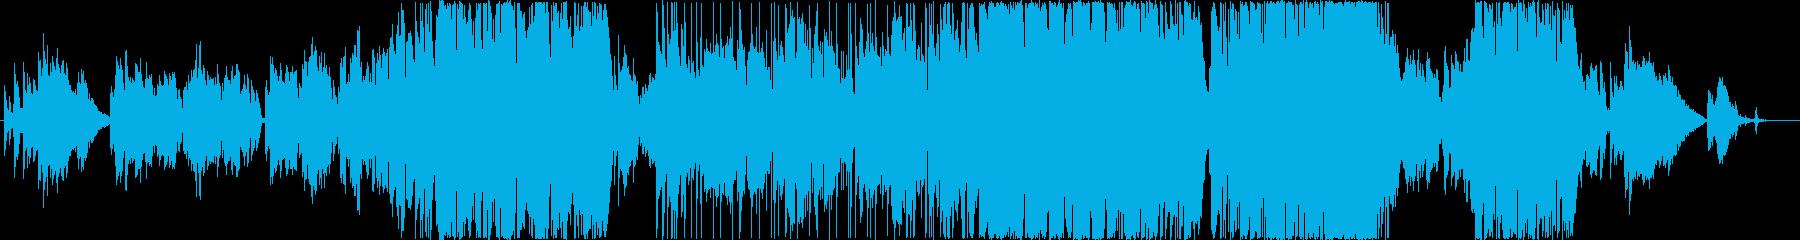 エンディングを思わせる優しいバラードの再生済みの波形